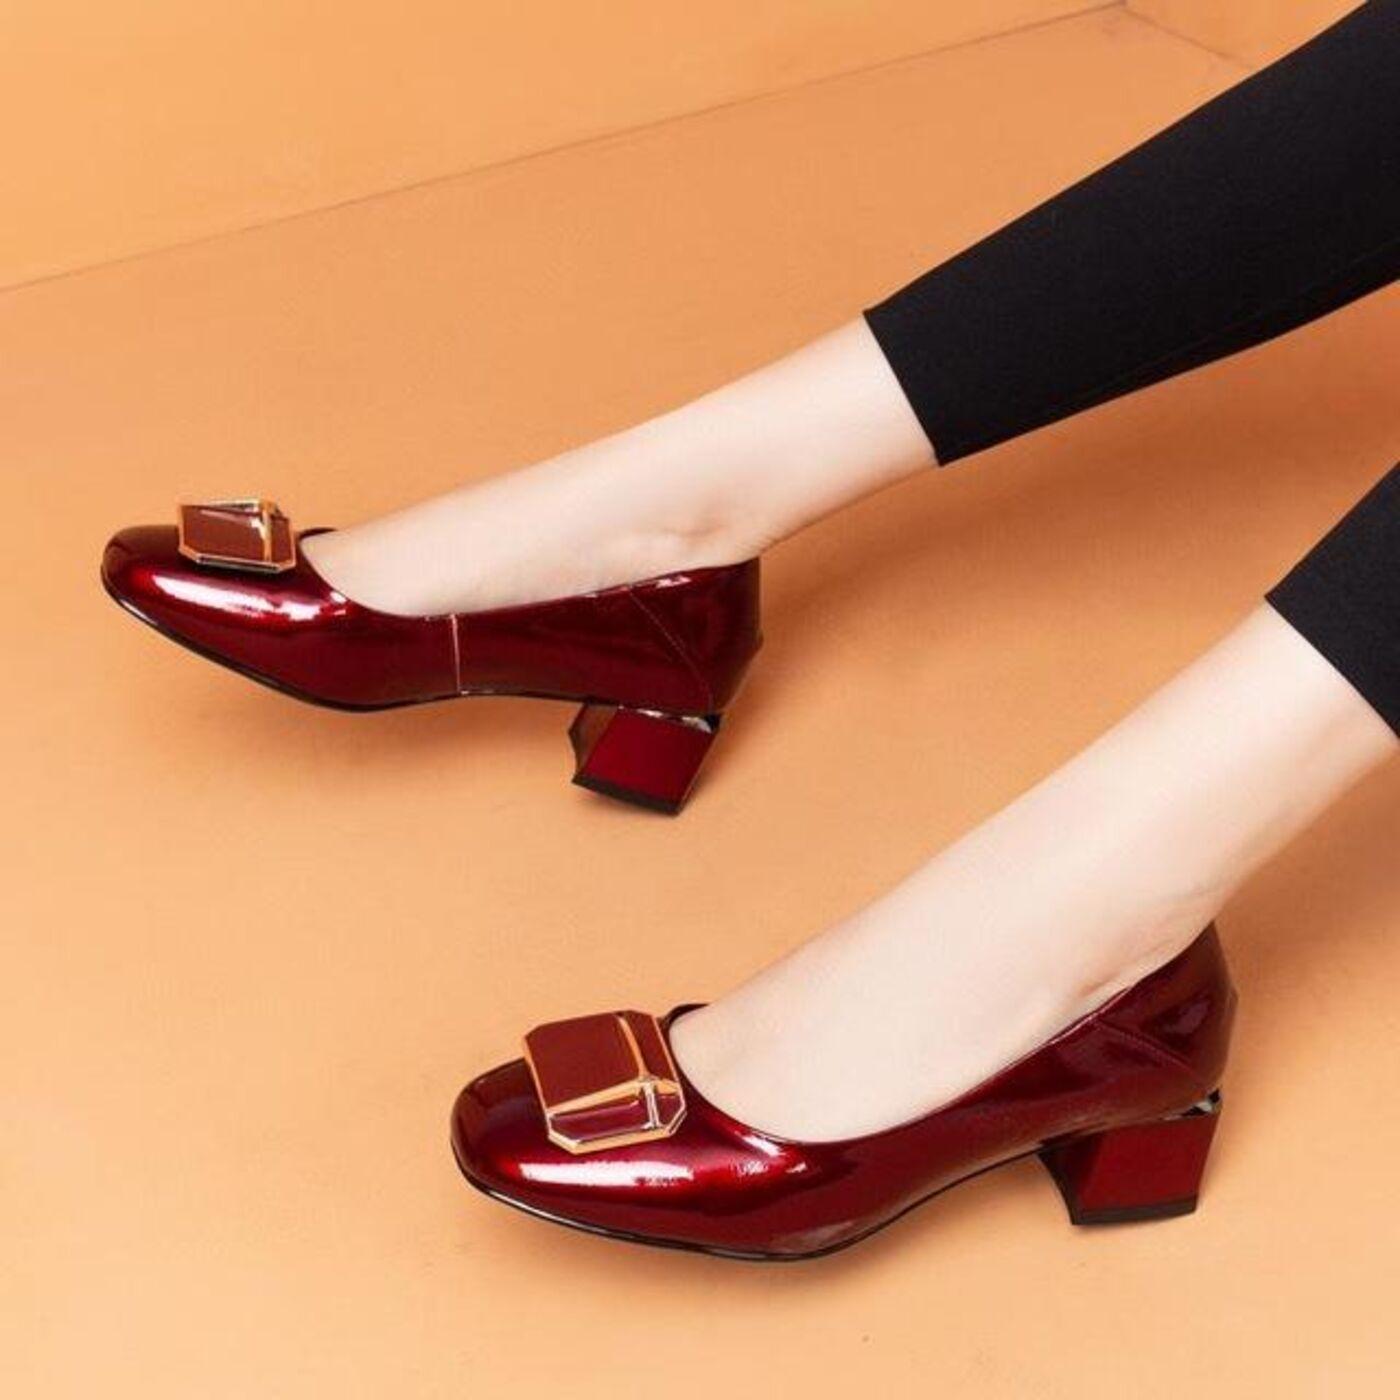 Kāpēc nevilkt kristāla kurpīti un izvairīties no citiem neērtiem apaviem